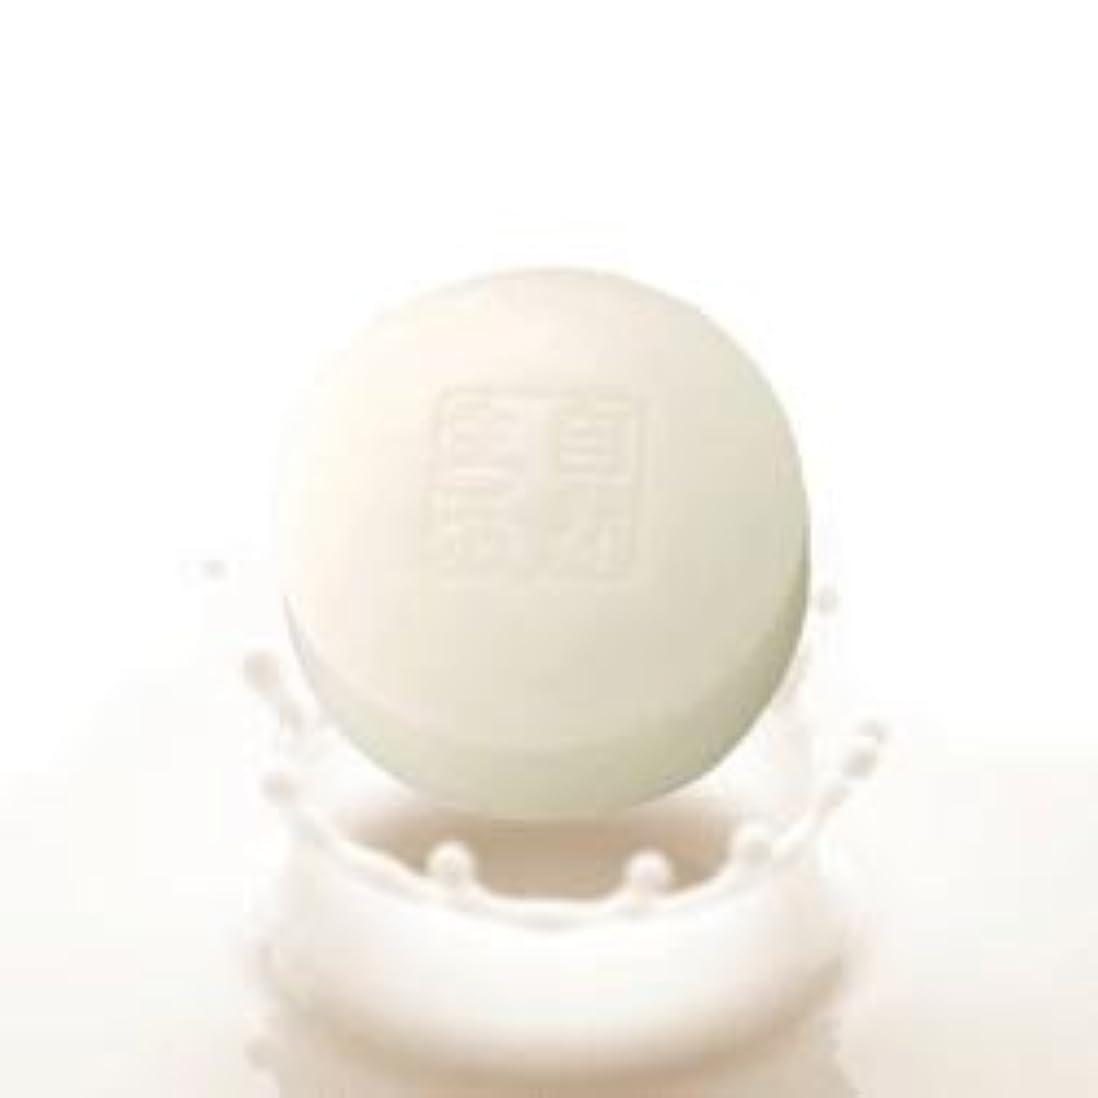 アピール矩形繁栄する豆腐の盛田屋 豆乳せっけん 100g